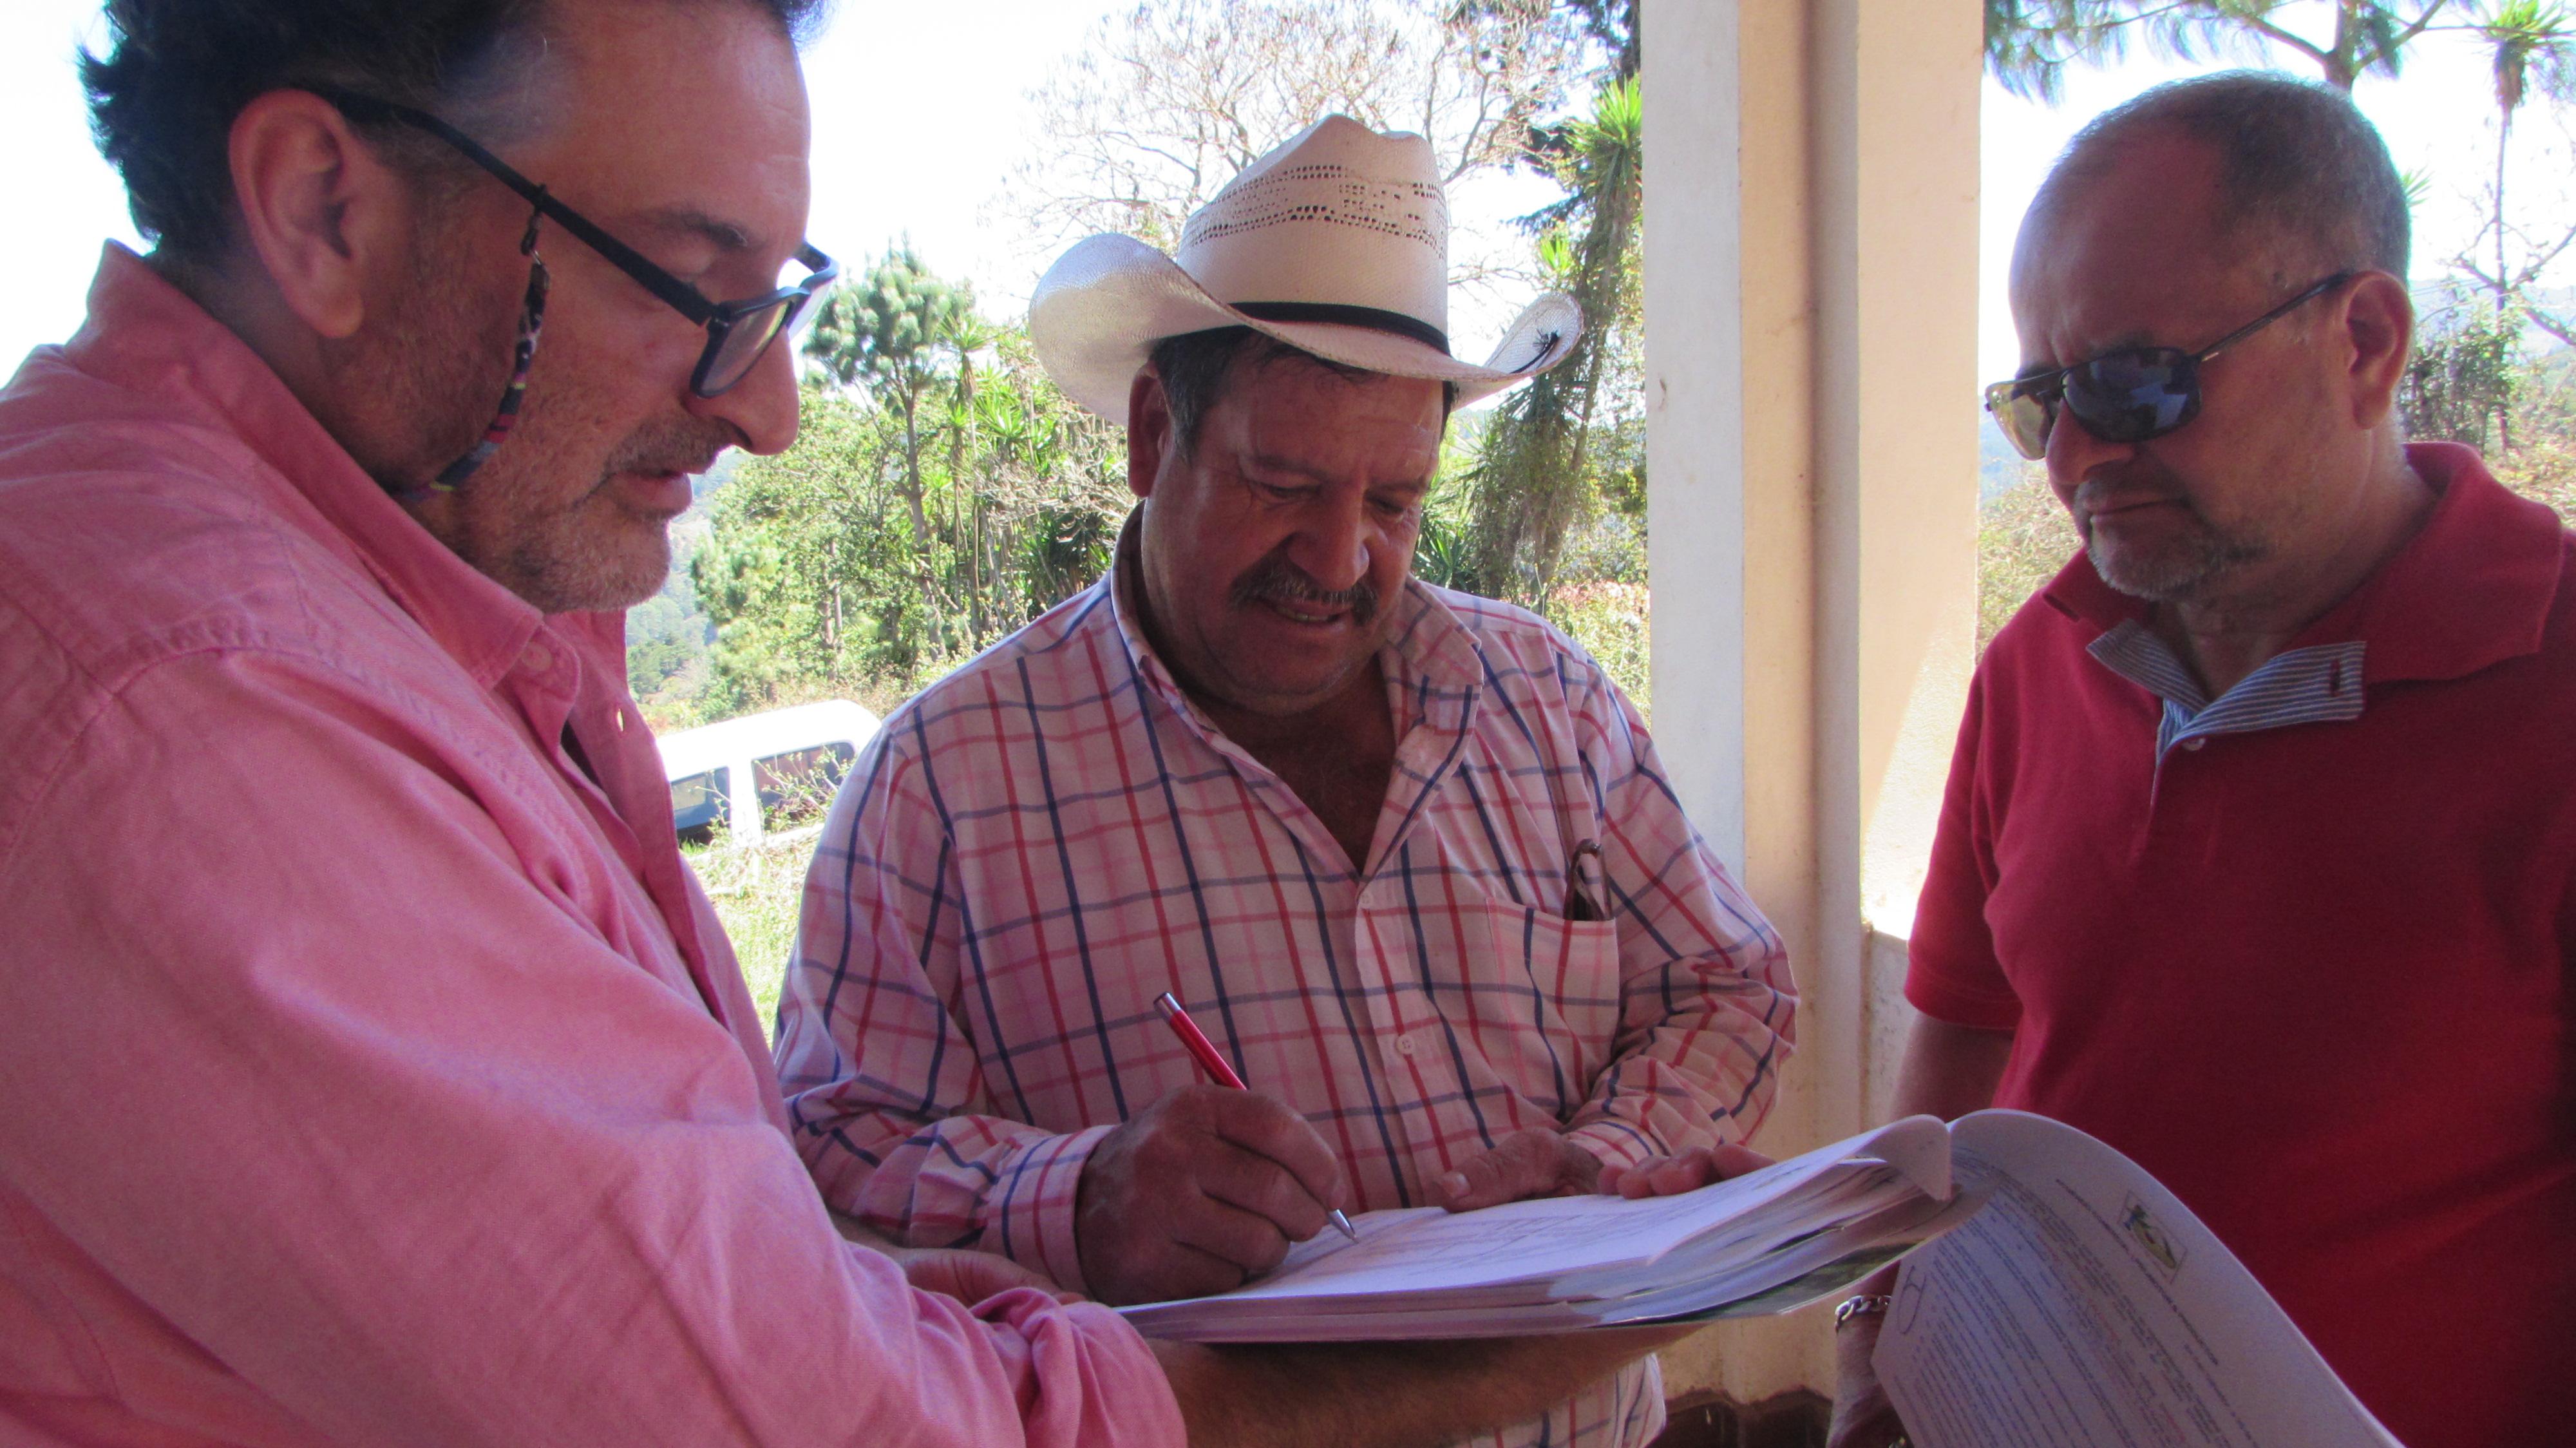 Productores de Aguacate y representante comercial del Consorcio Español firman Acuerdo Comercial para exportar aguacate de la Zona Alta de la Región Trifinio.